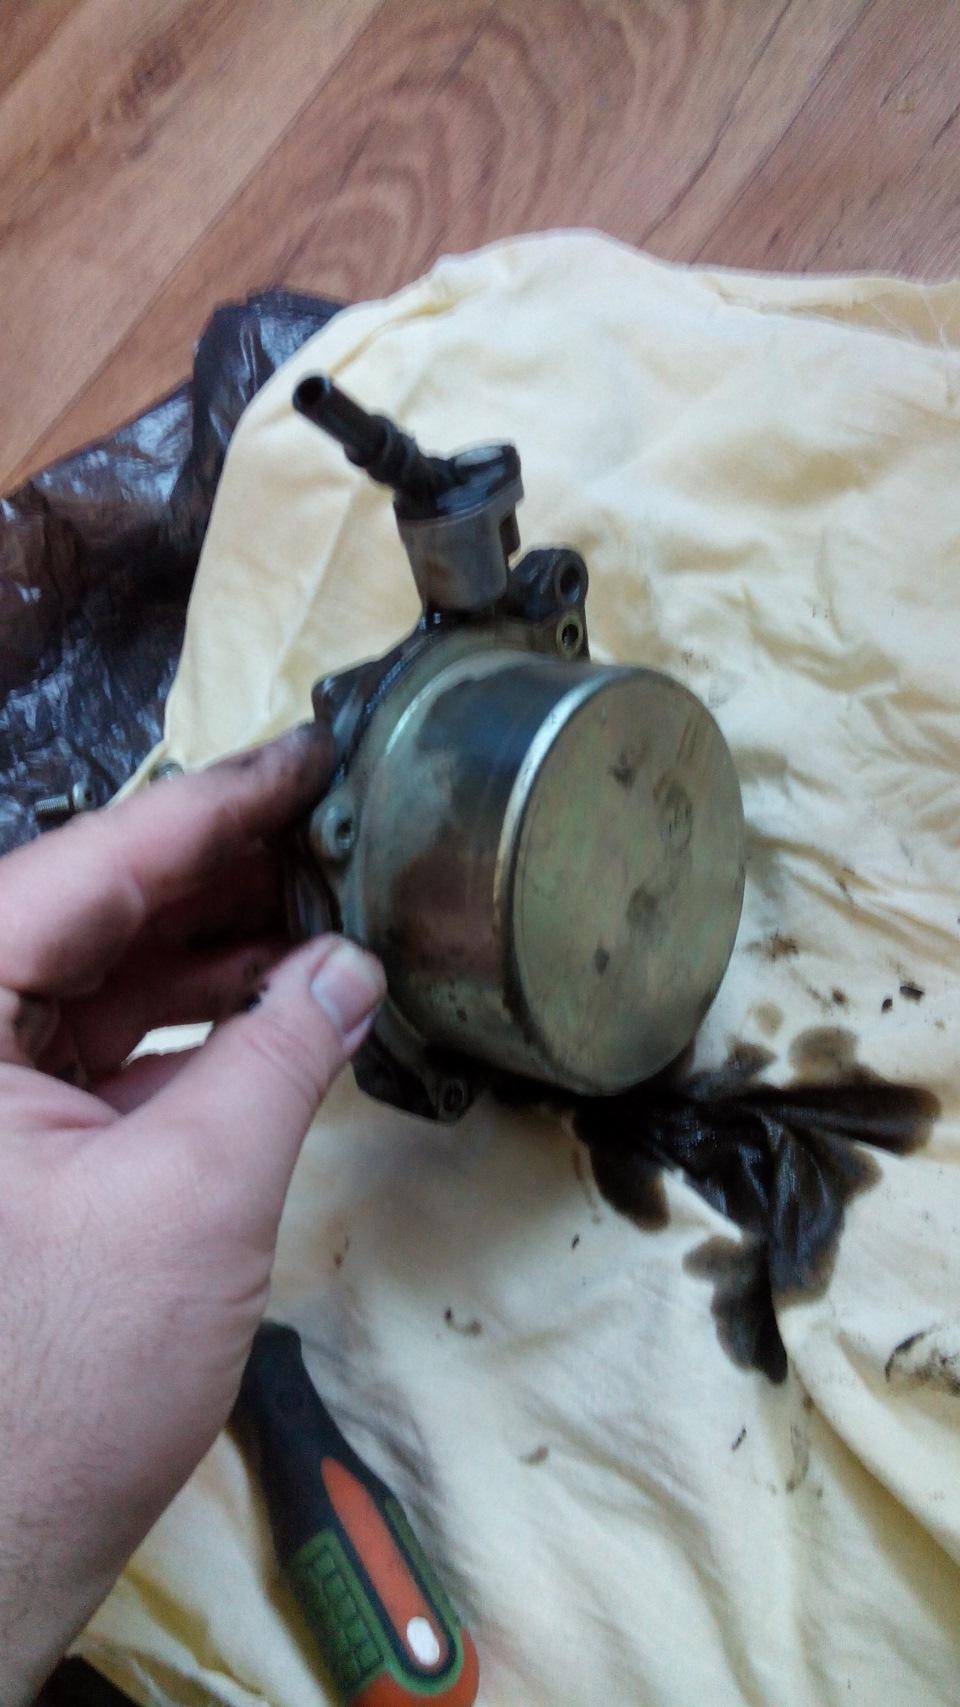 замена вакуумного насоса на двигателе m57 bmw e39 своими руками